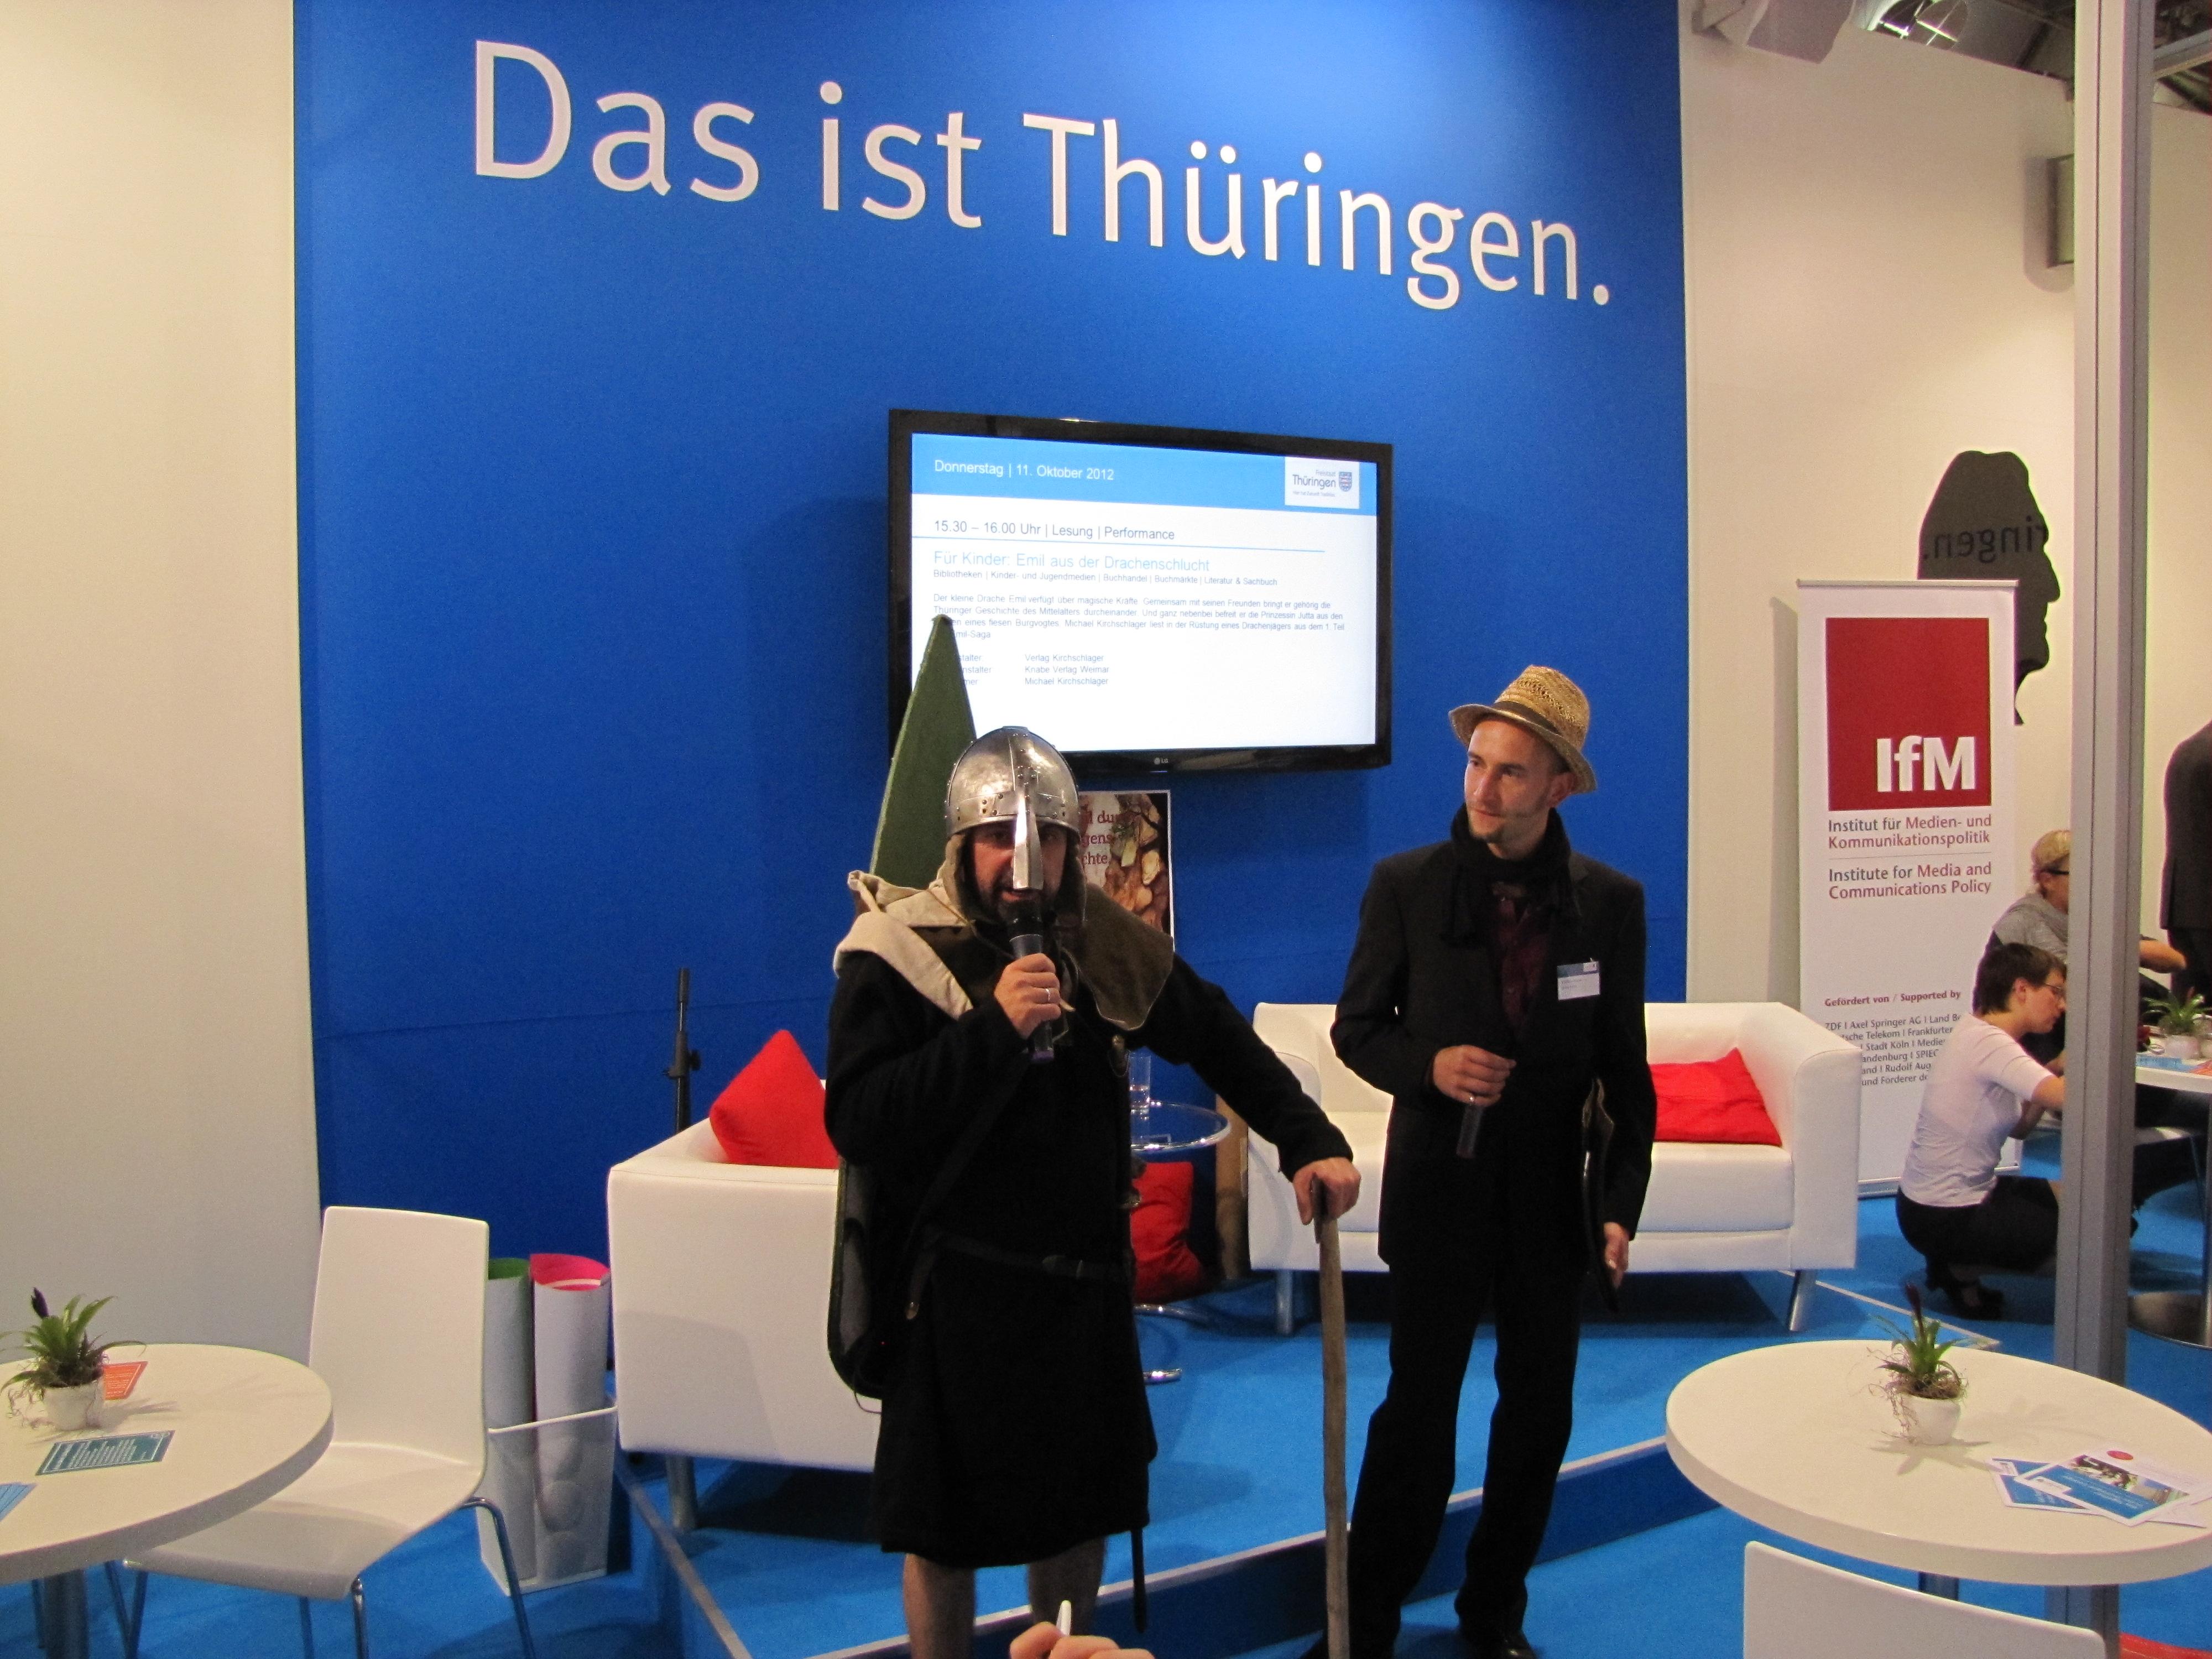 Mit Verleger Steffen Knabe vom Weimarer Knabe Verlag auf der Bühne des großen Thüringenstandes.